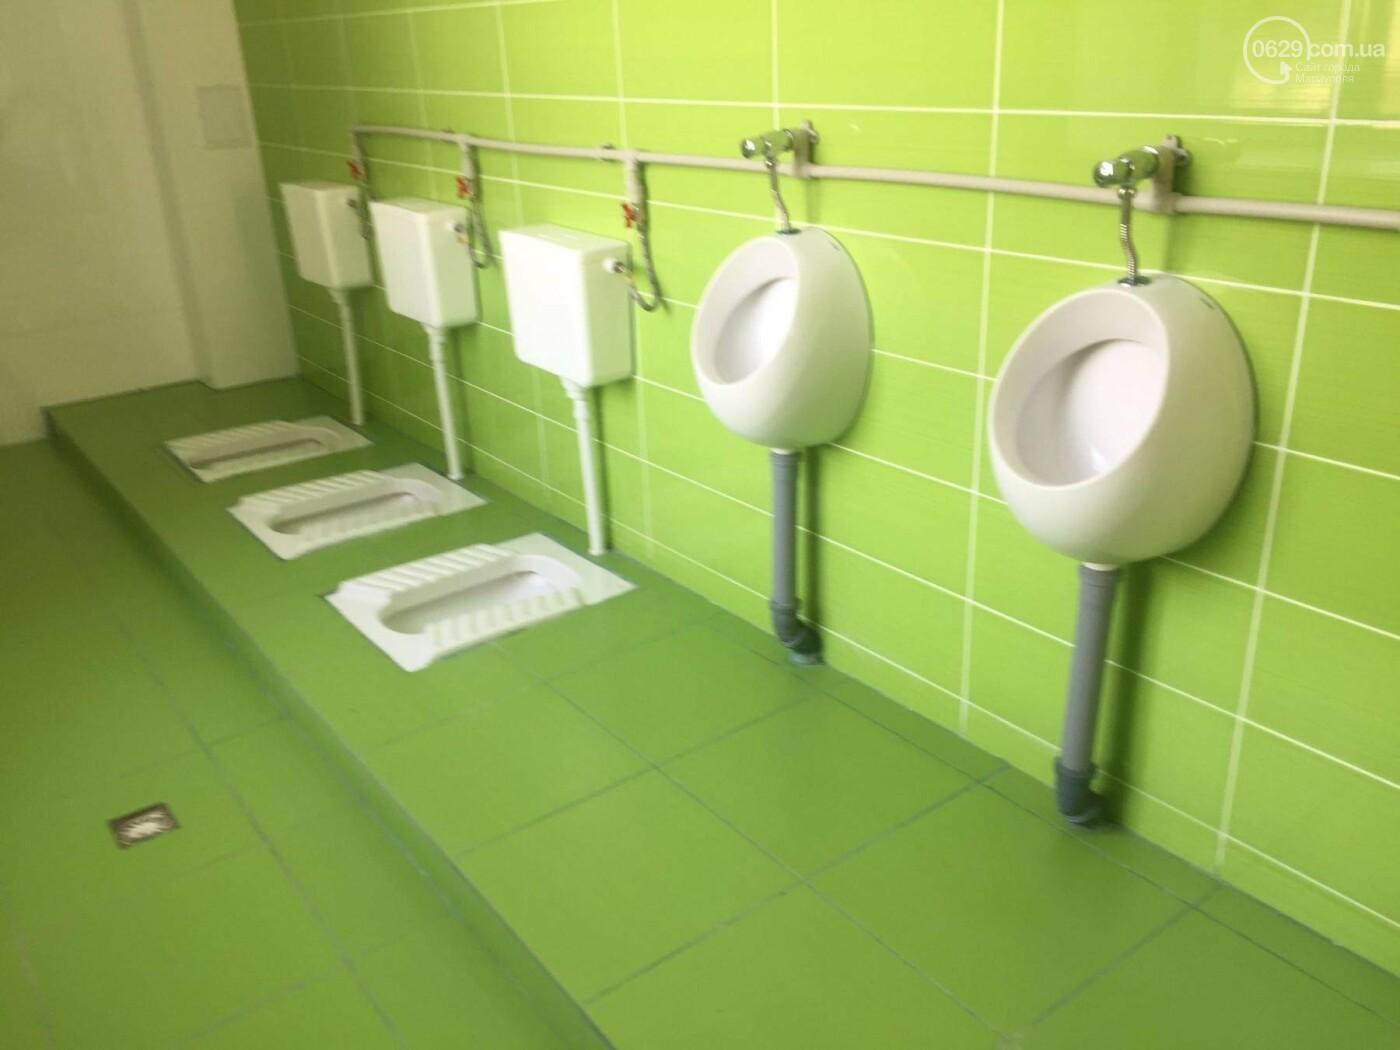 """Лабораторный комплекс """"Эйнштейн"""" и  туалеты без перегородок: как в Мариуполе теперь выглядит технический лицей, - ФОТО, ВИДЕО, ДОПОЛНЕНО, фото-1"""